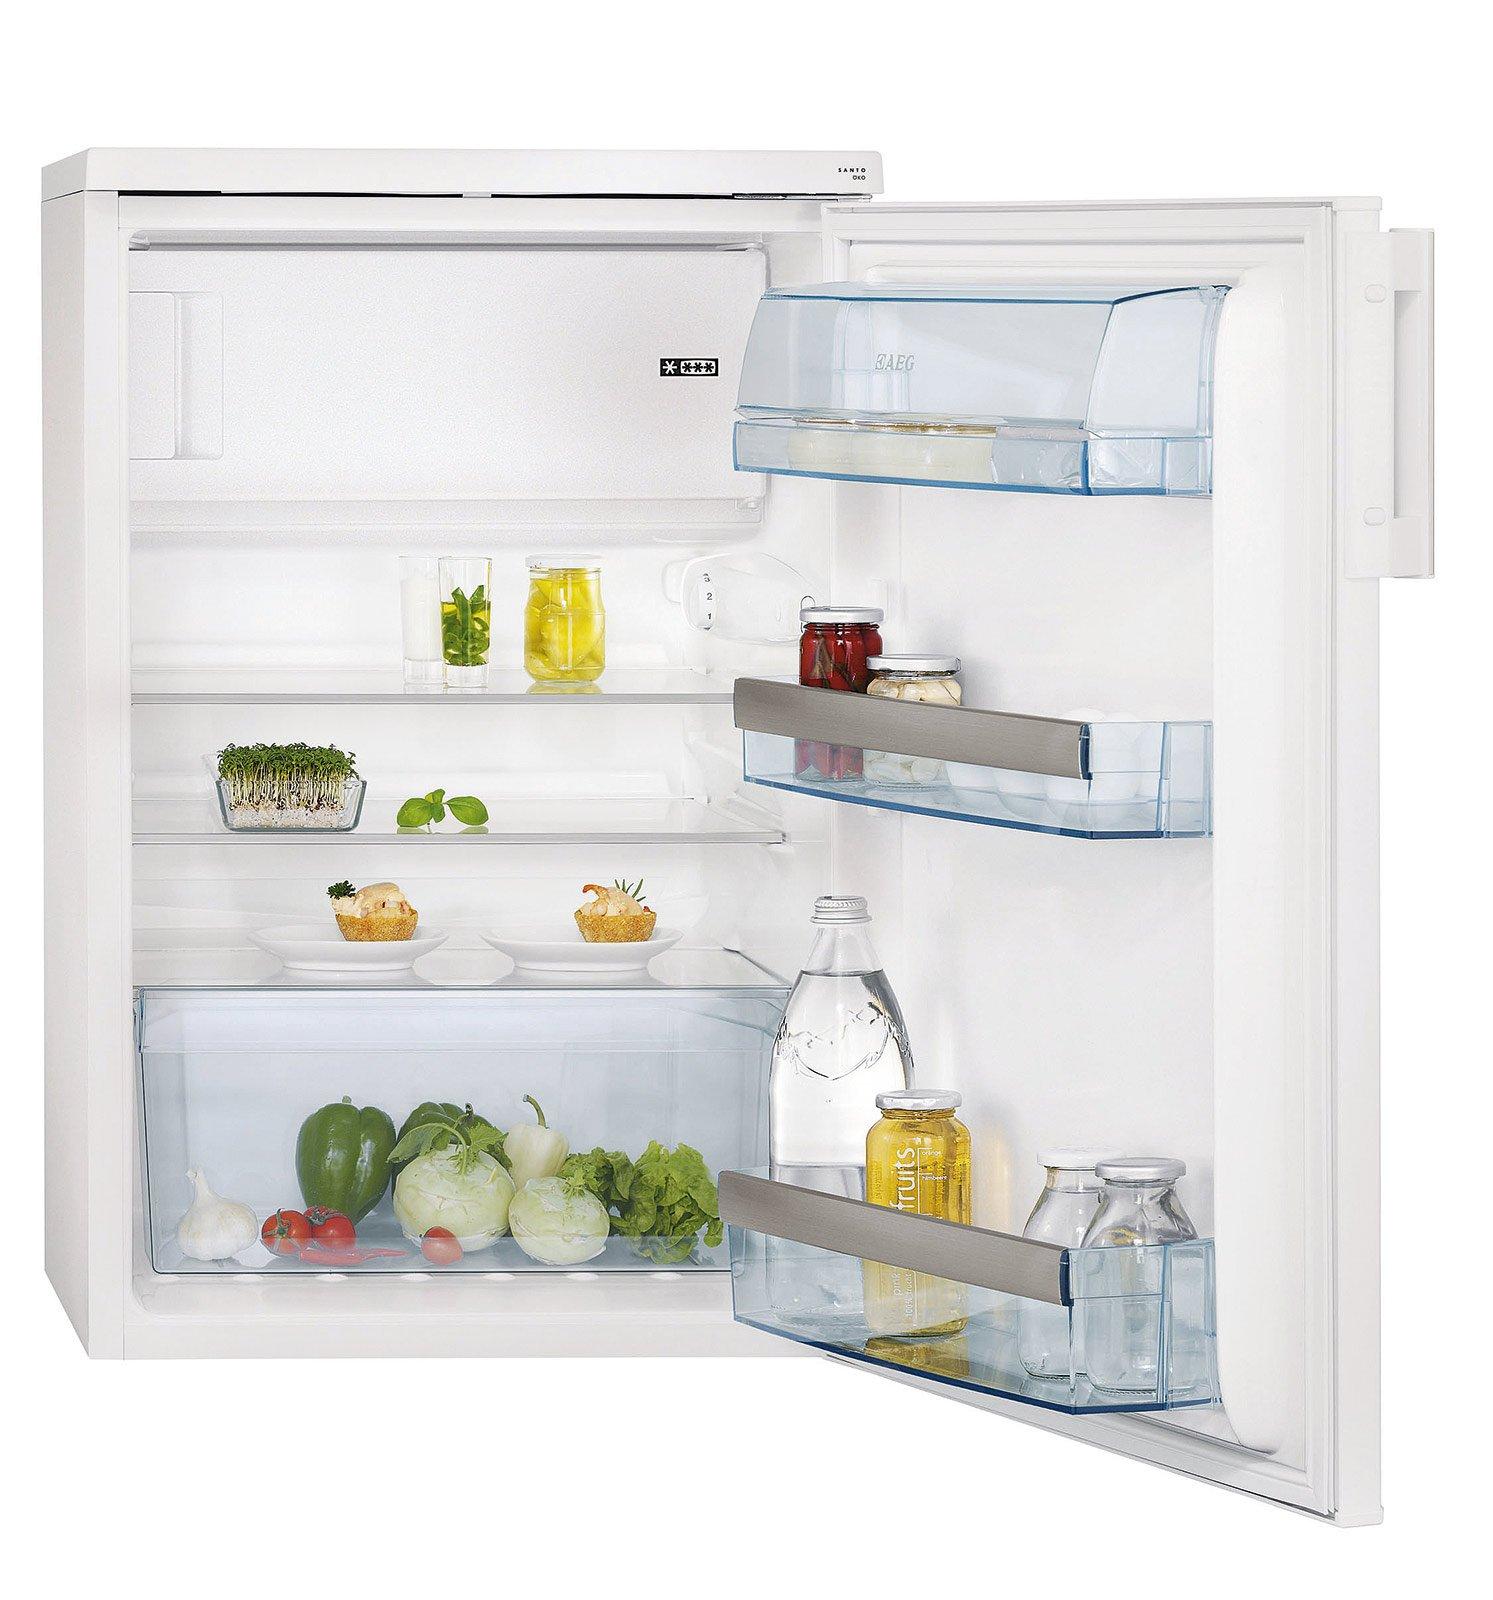 Frigoriferi da cucina excellent frigorifero smeg doppia - Frigoriferi monoporta senza congelatore ...